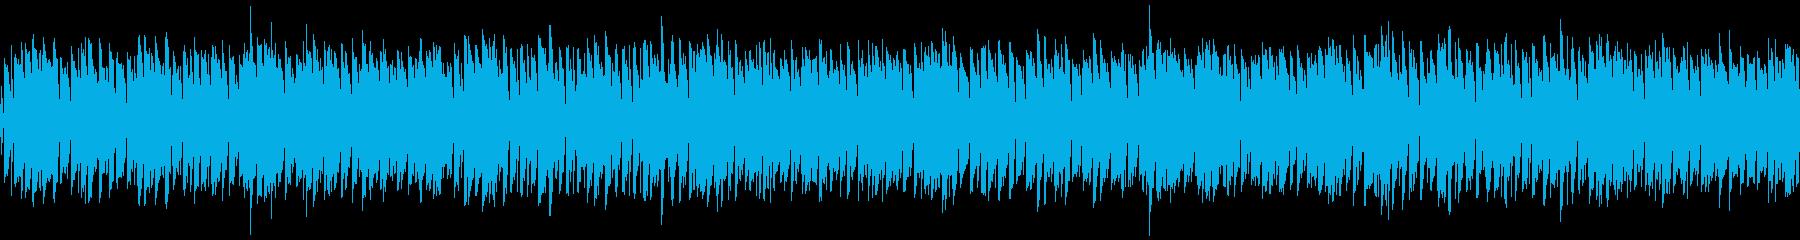 【報道/ニュース番組BGM】の再生済みの波形